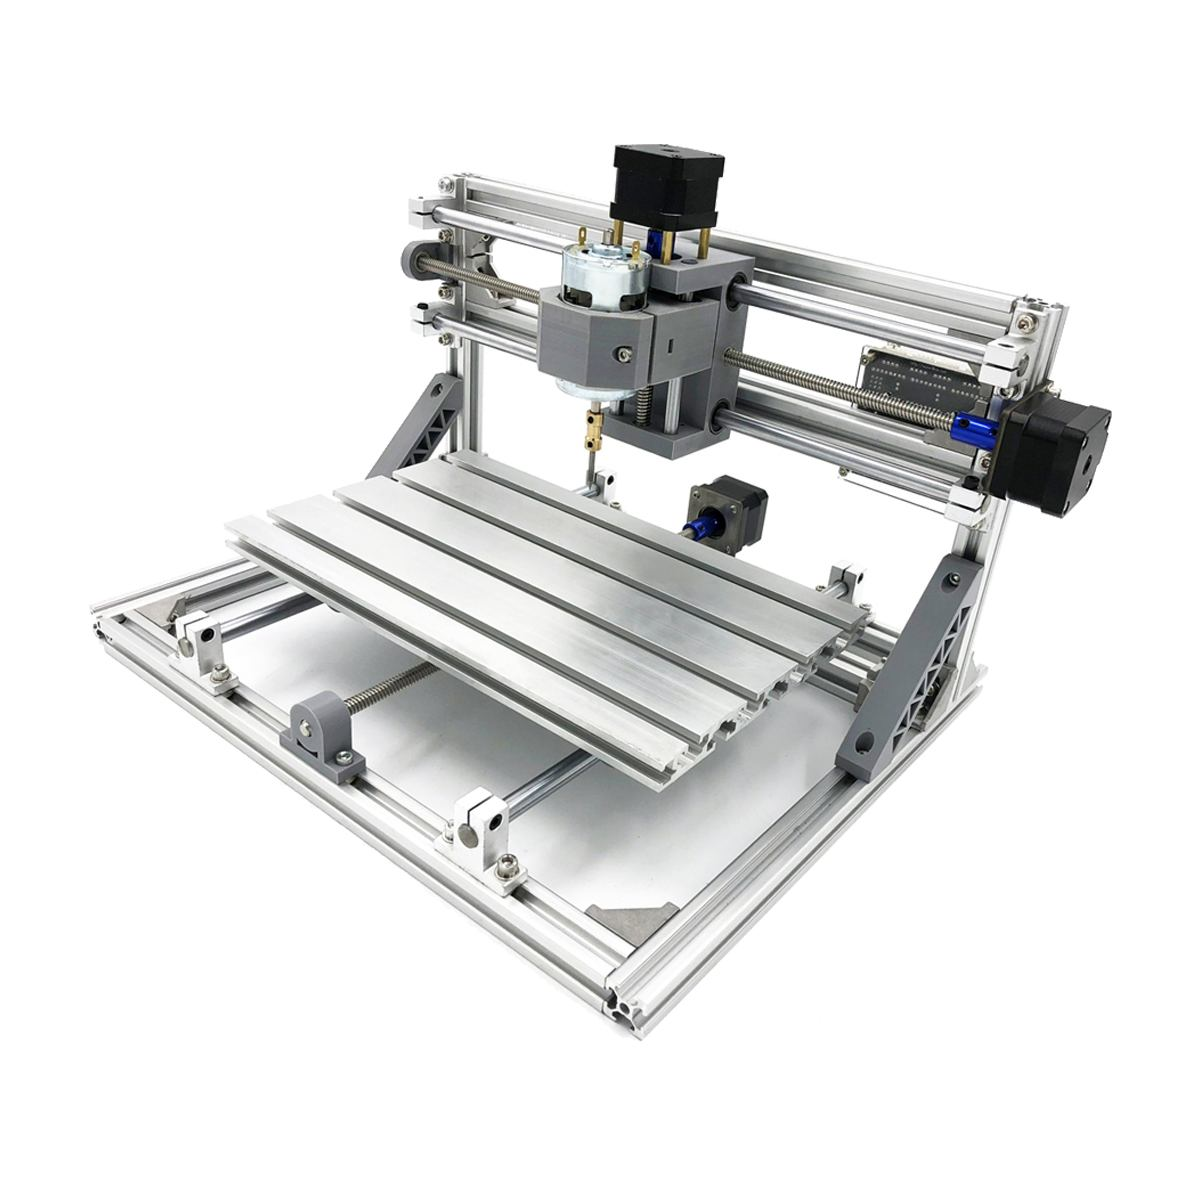 Mini 3 Laser Gravur Stecher Maschine DC 12V DIY Desktop Holz Cutter/Drucker/Power Einstellbar Mit 500MW Laser Kopf - 5